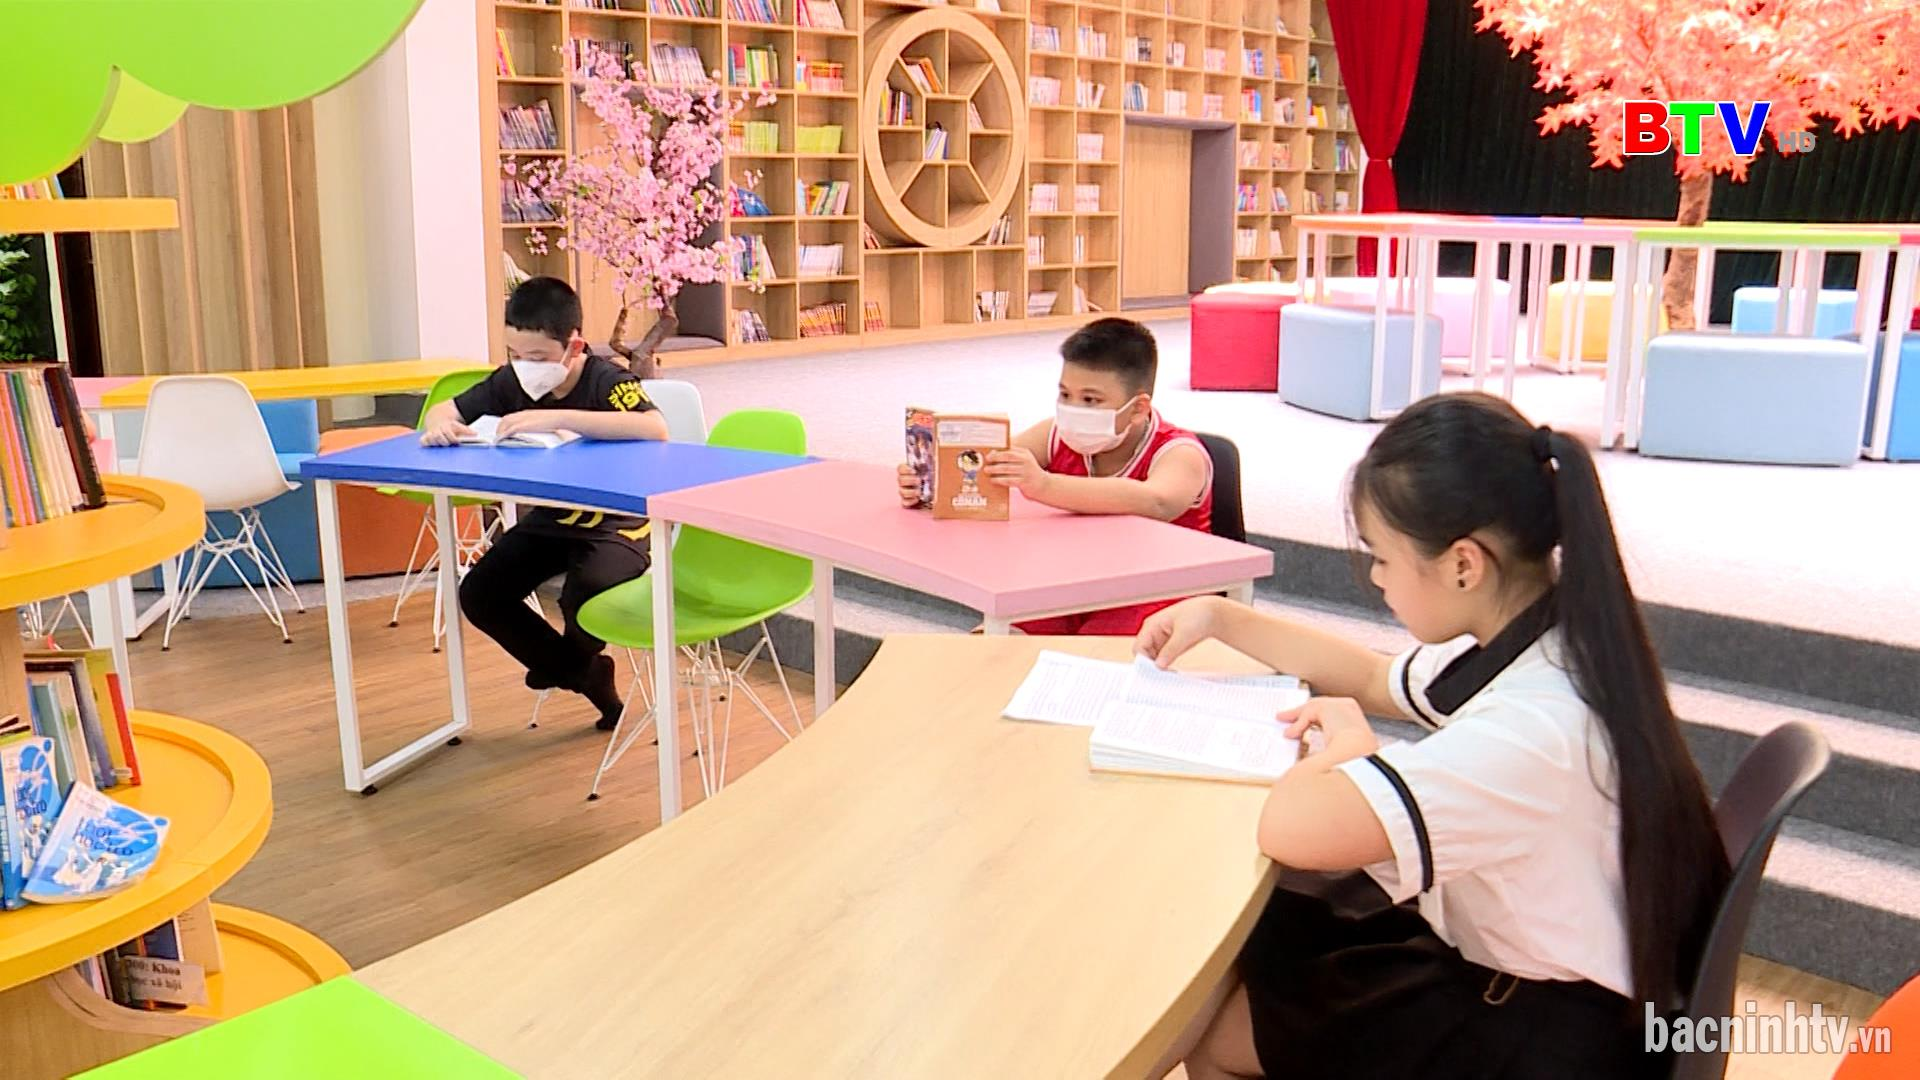 Bắc Ninh triển khai mô hình thư viện phục vụ cộng đồng, đáp ứng công tác phòng, chống dịch Covid-19